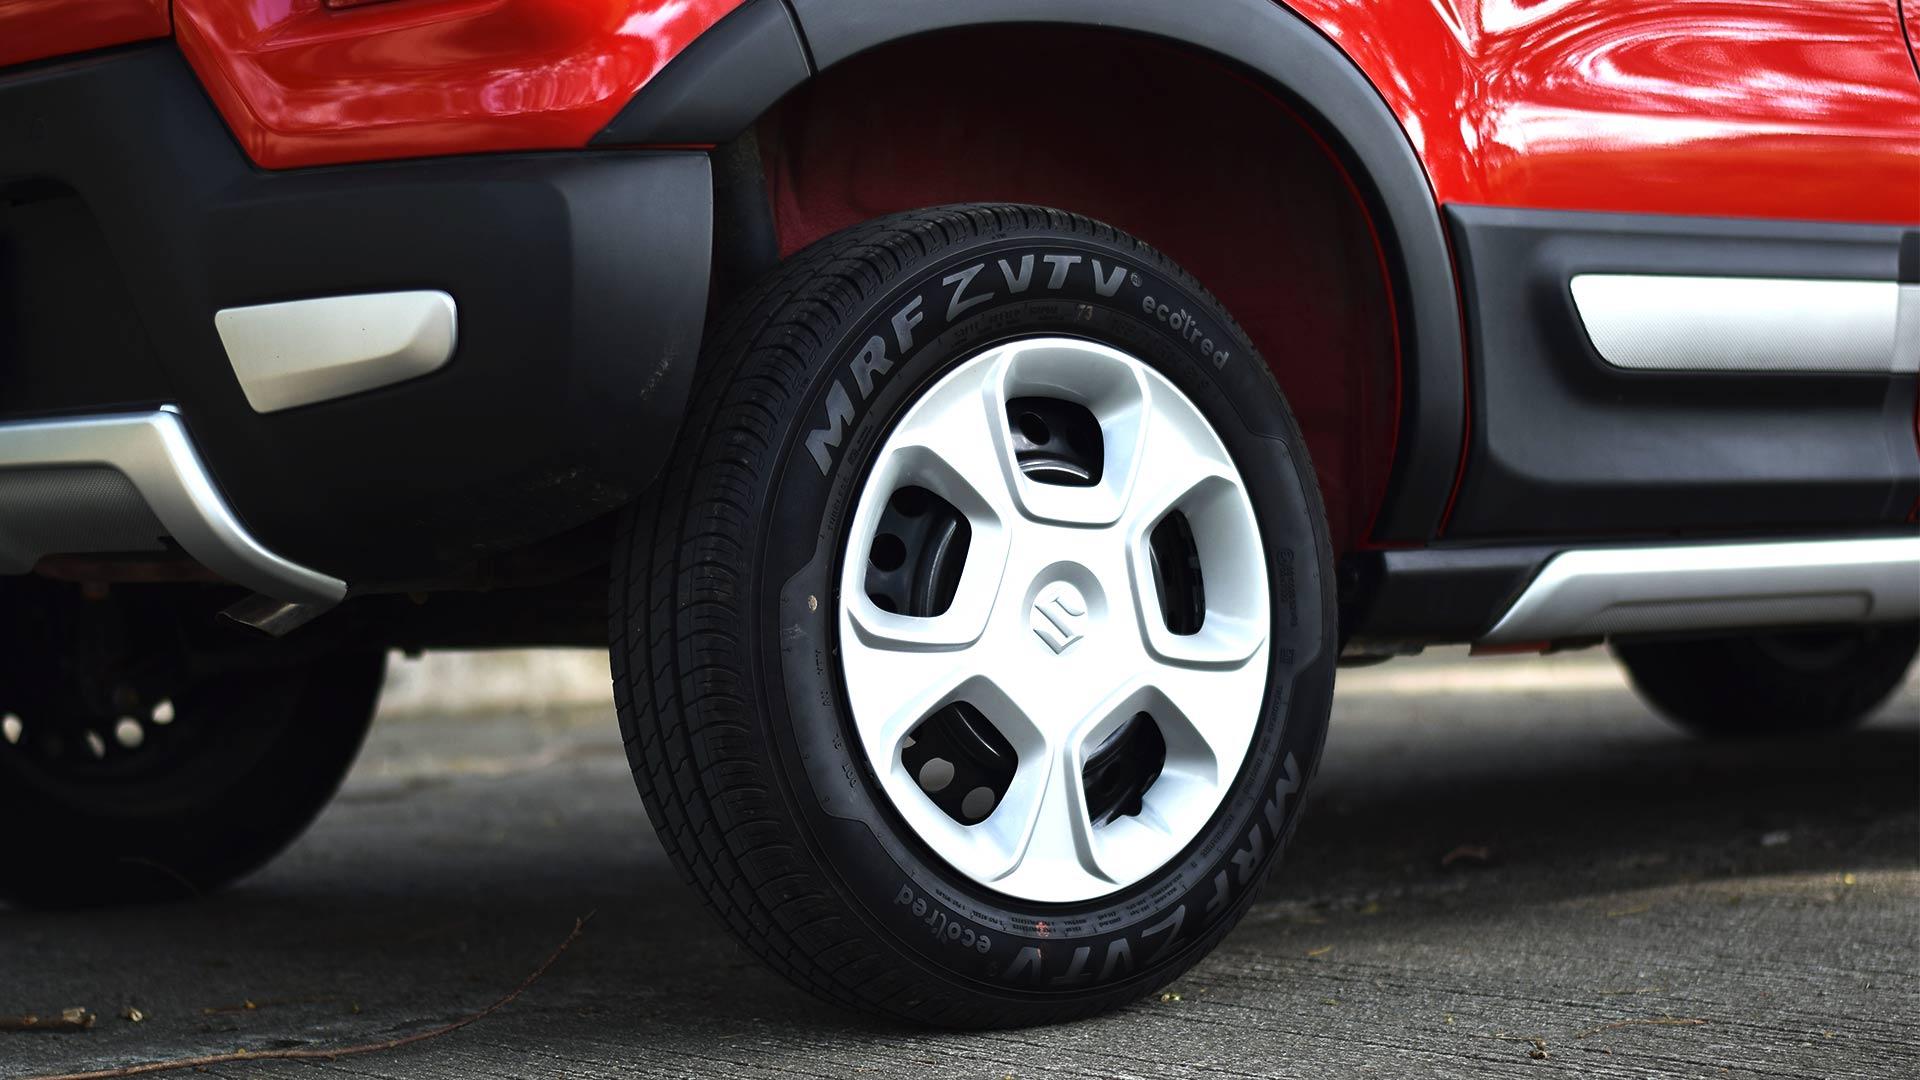 The Suzuki S-Presso rear tire